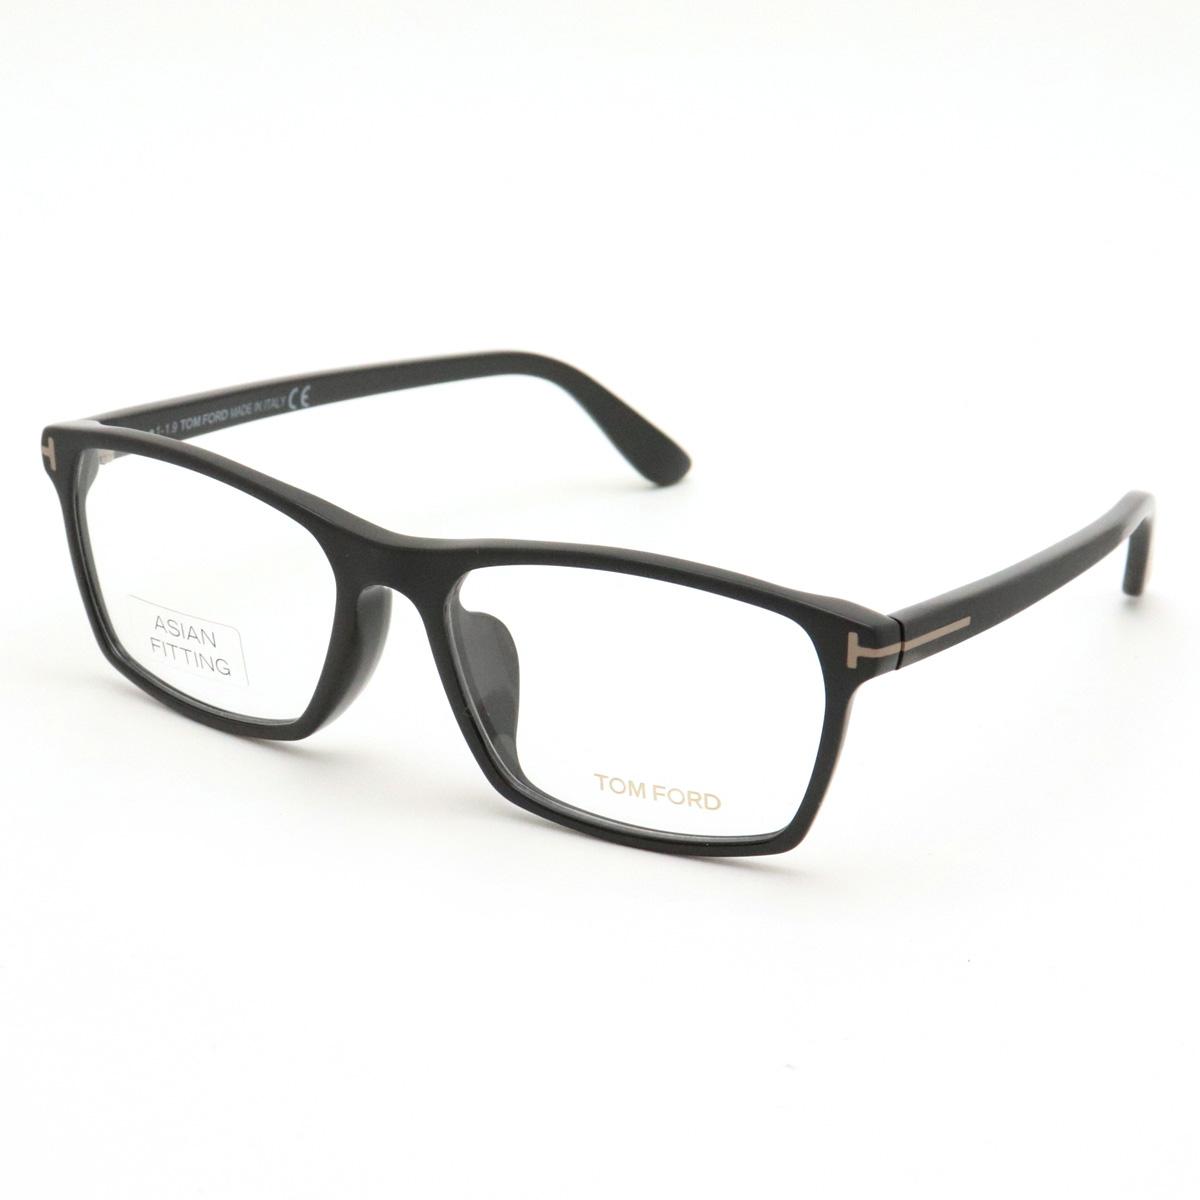 【未使用品】TOM FORD トム フォード トムフォード 眼鏡 メガネフレーム ブラック 59□17 150 TF4295 【中古】